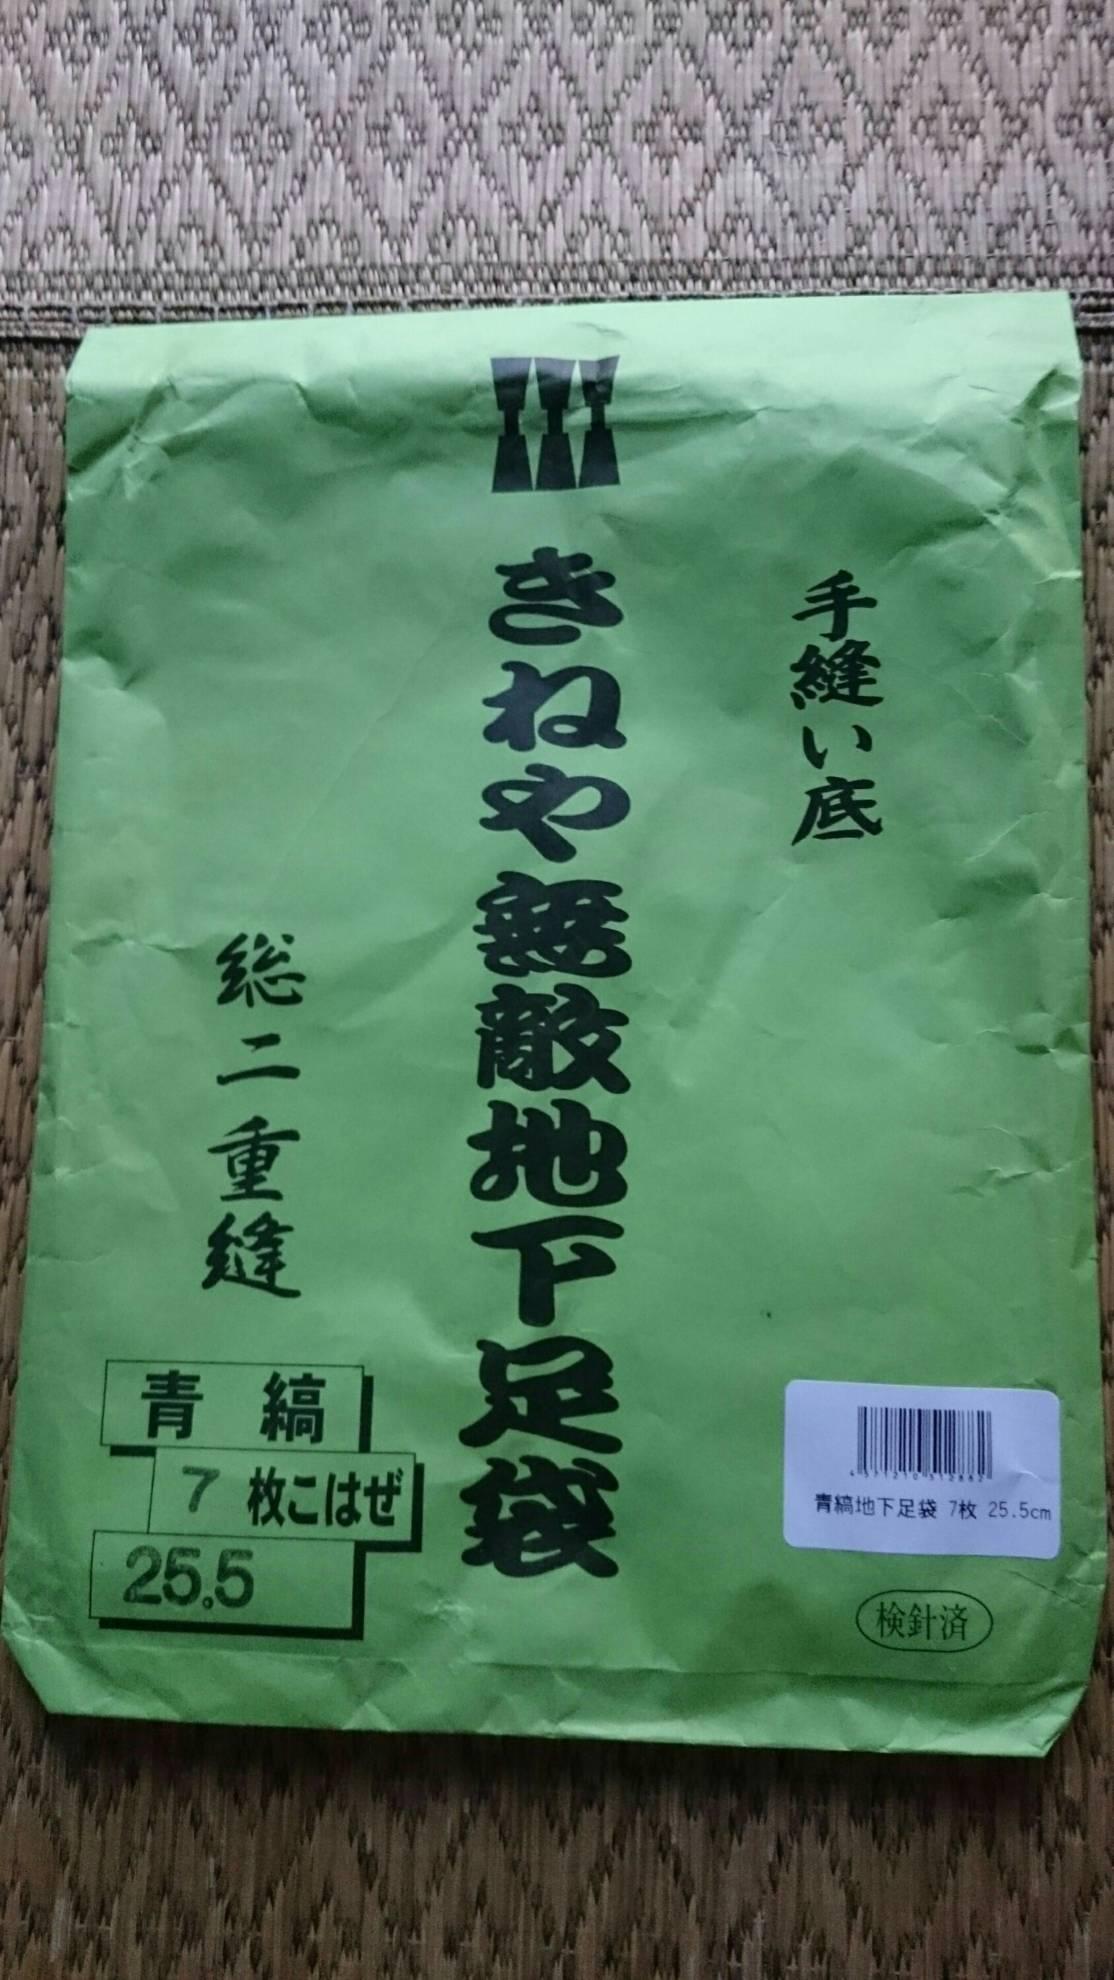 神奈川植木屋江隆園 きねや足袋 袋